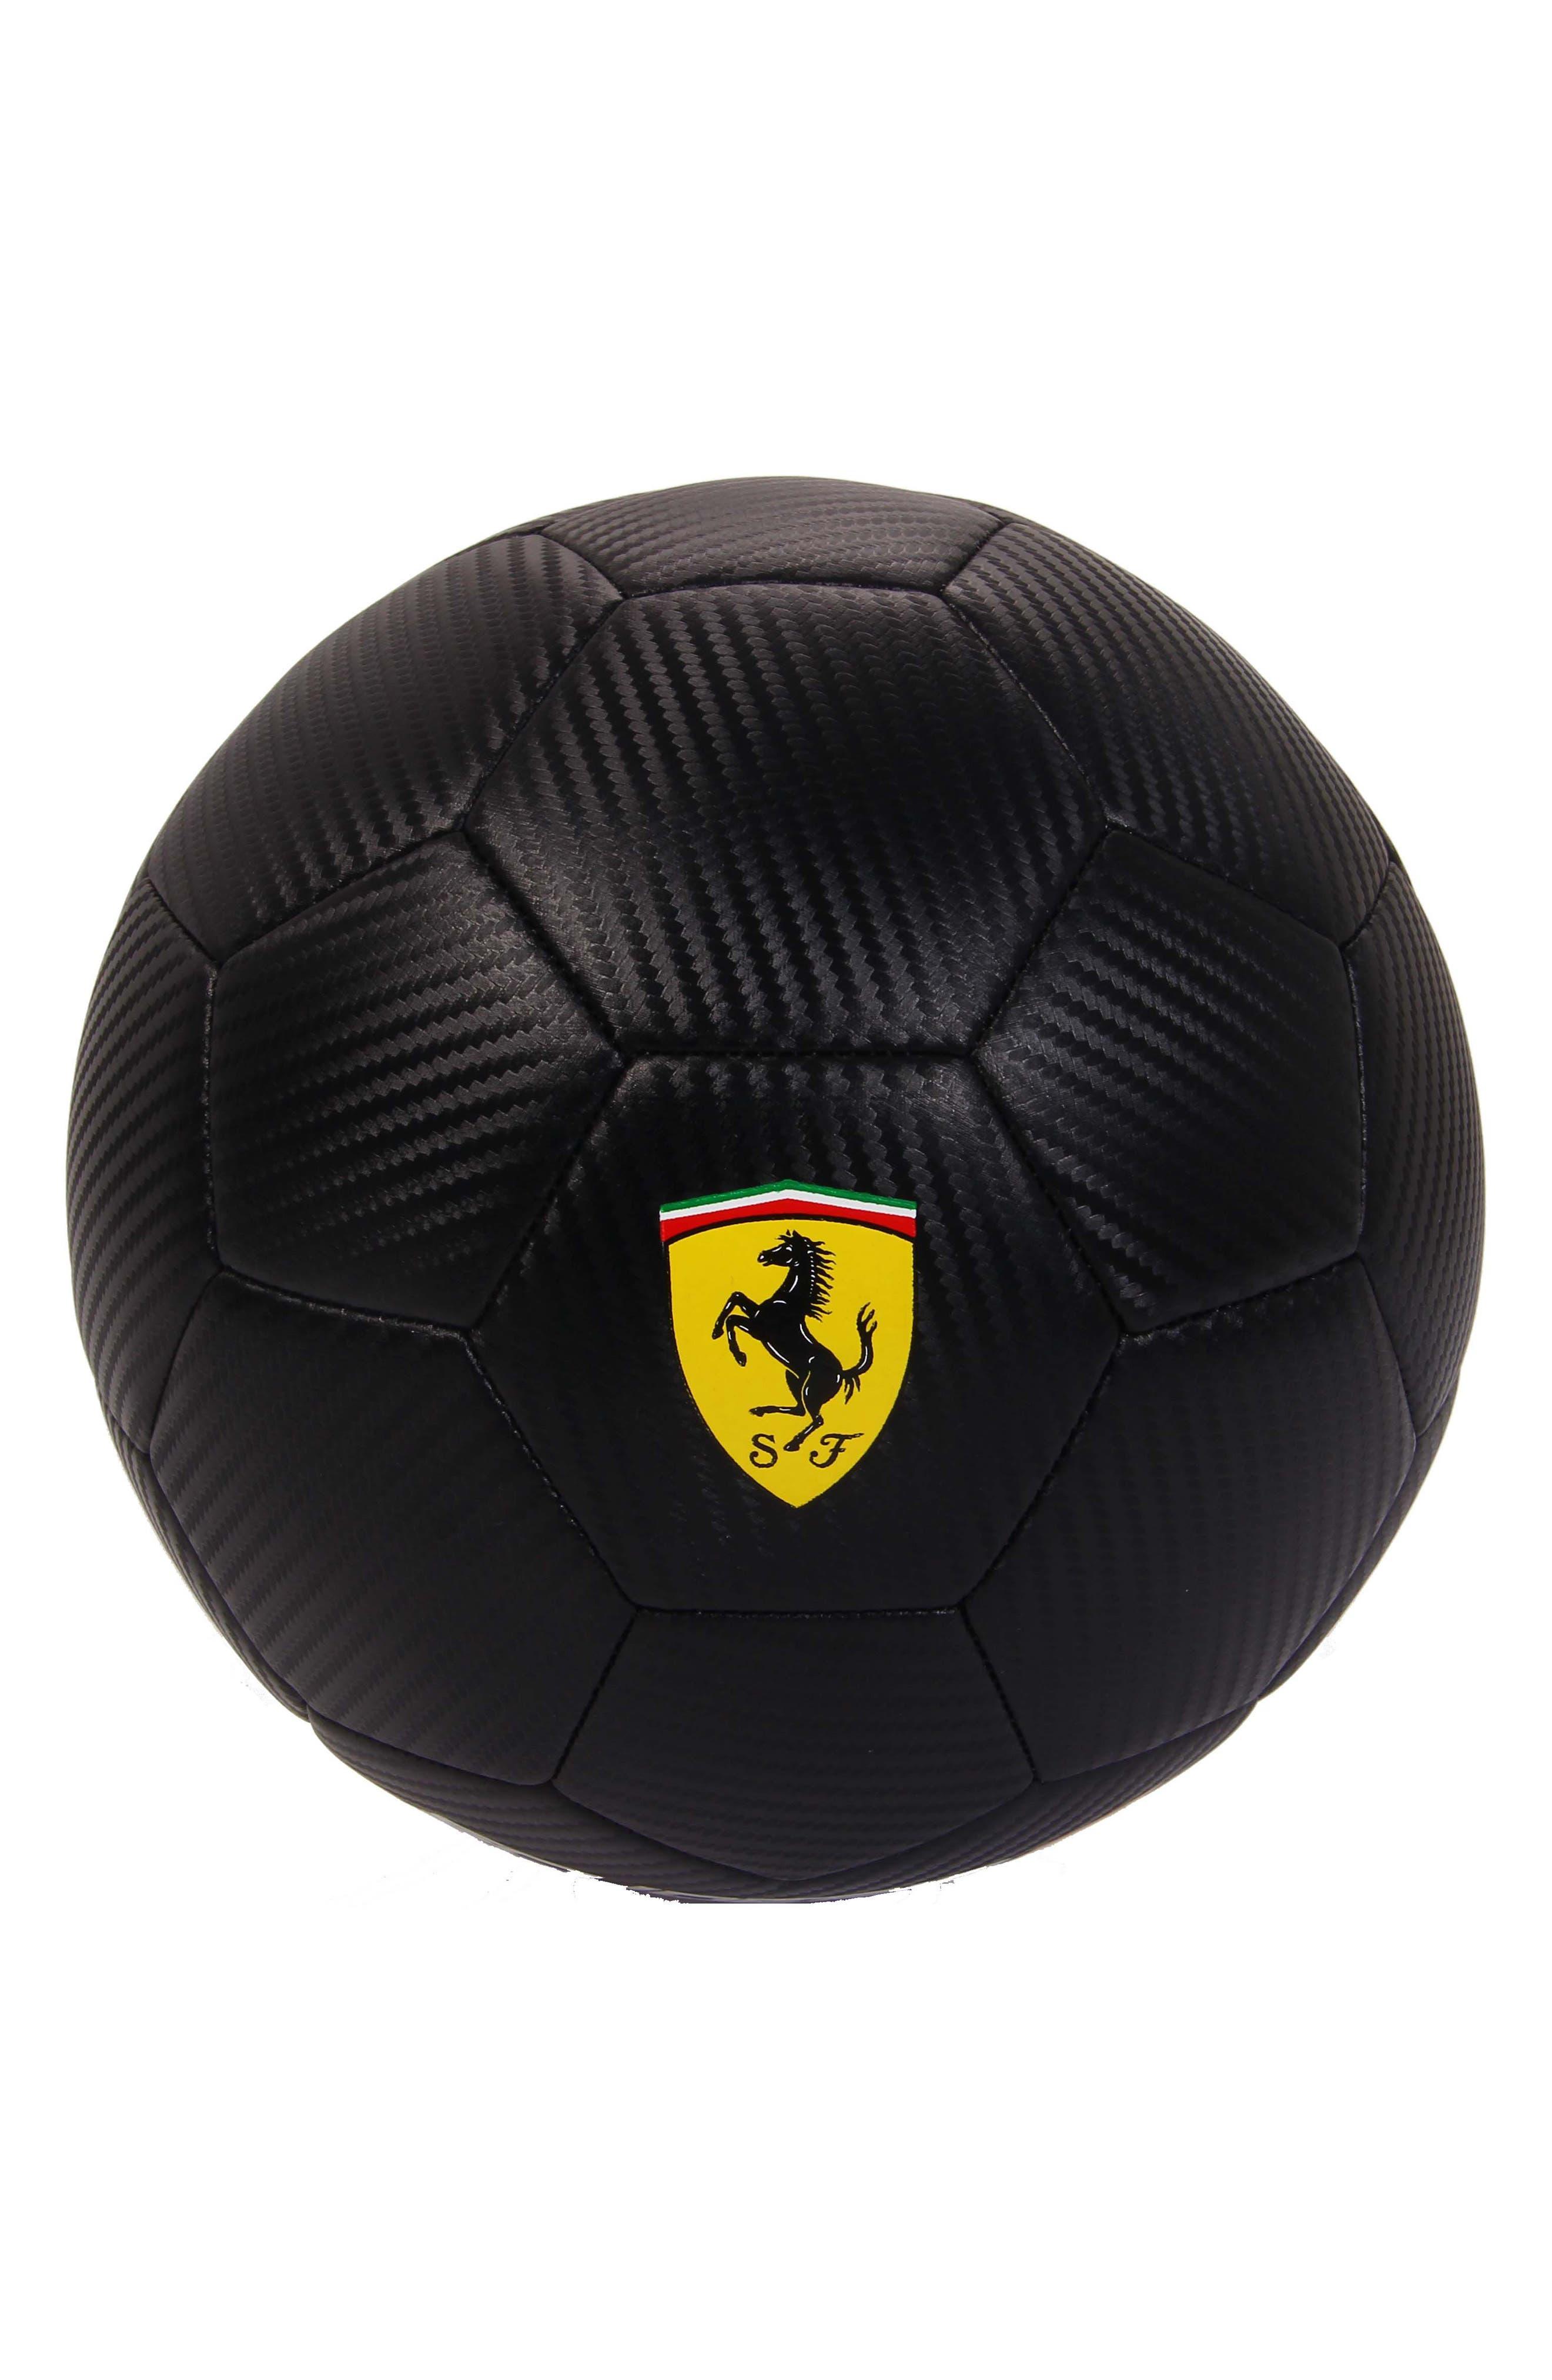 No. 2 Soccer Ball,                             Main thumbnail 1, color,                             Black